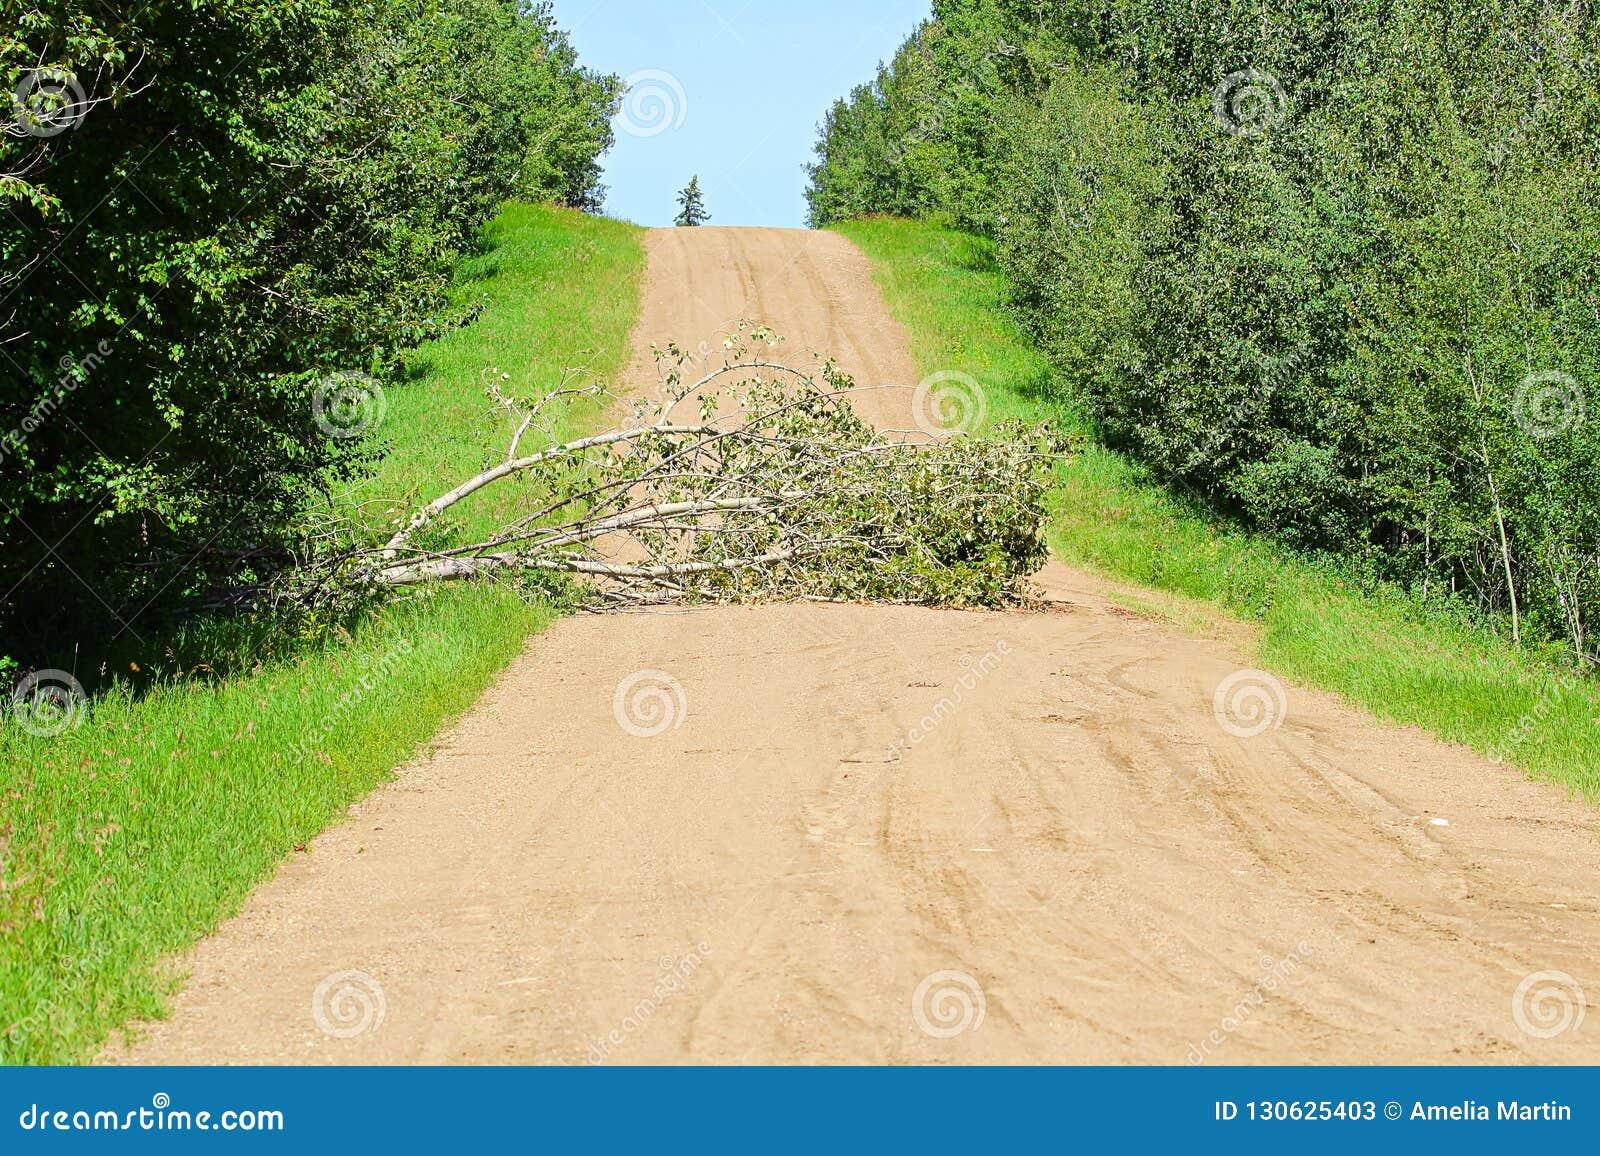 Un árbol En El Medio Del Camino Que Causa Una Obstrucción Imagen De Archivo Imagen De Bosque Grava 130625403